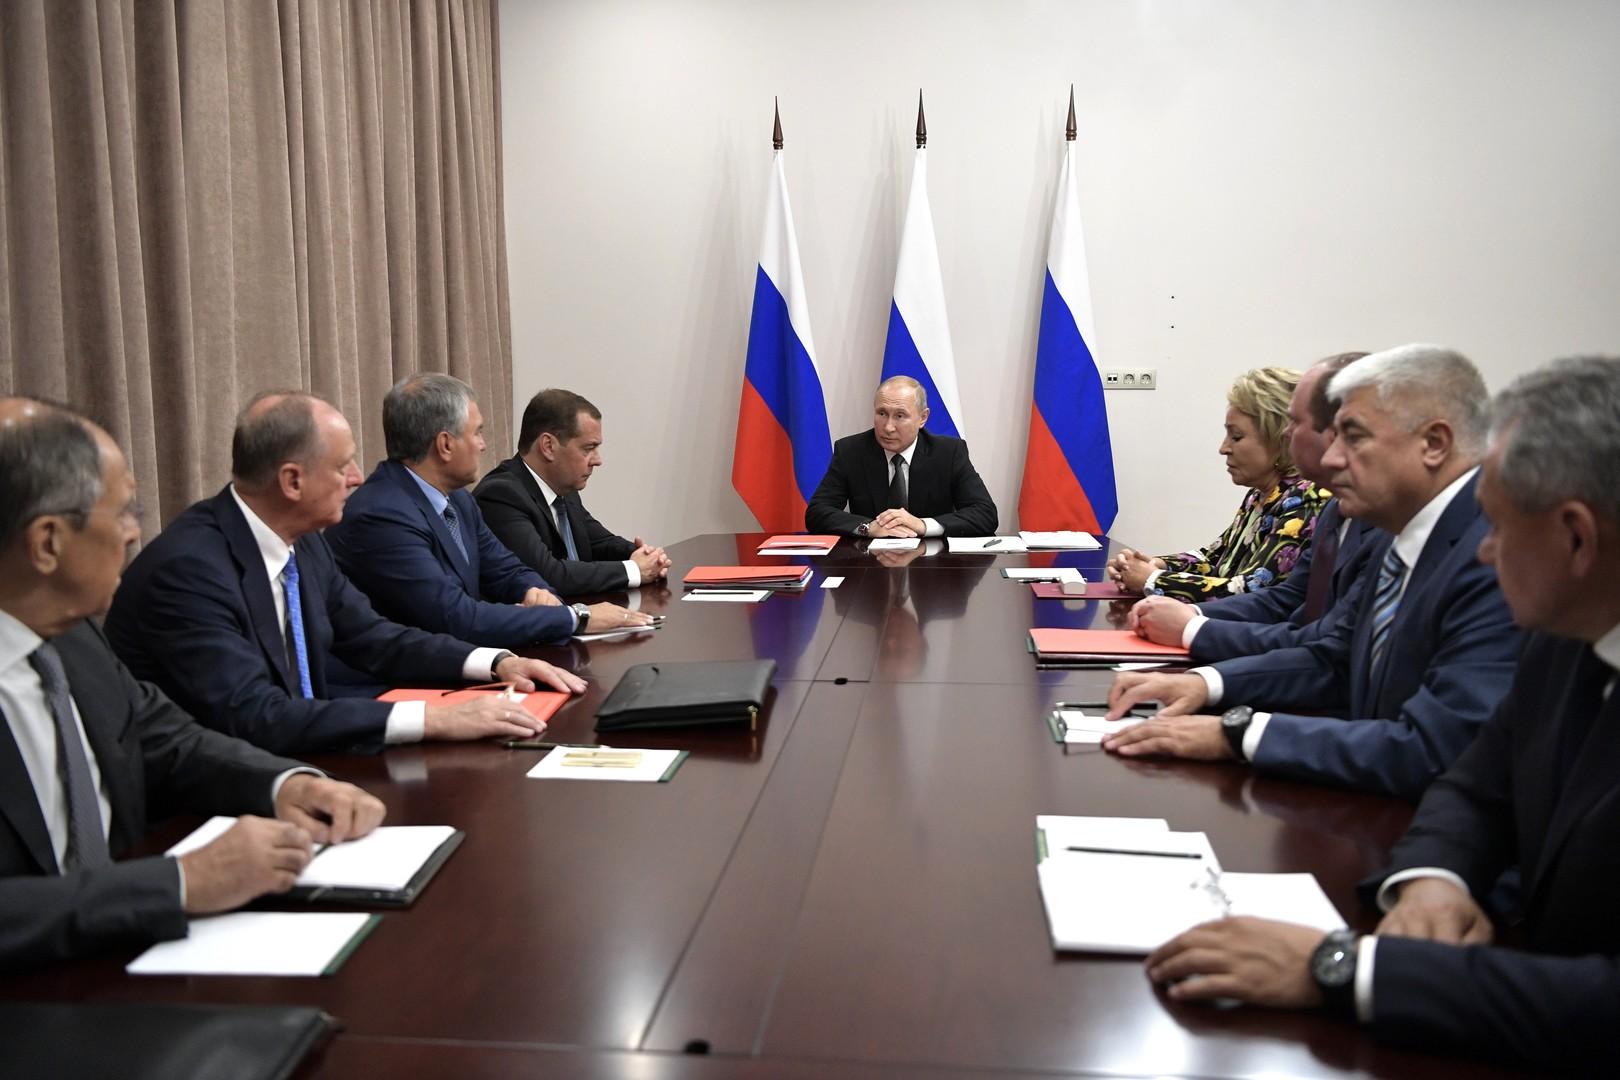 أرشيف - الرئيس الروسي ورئيس وزرائه في اجتماع مع أعضاء مجلس الأمن الروسي